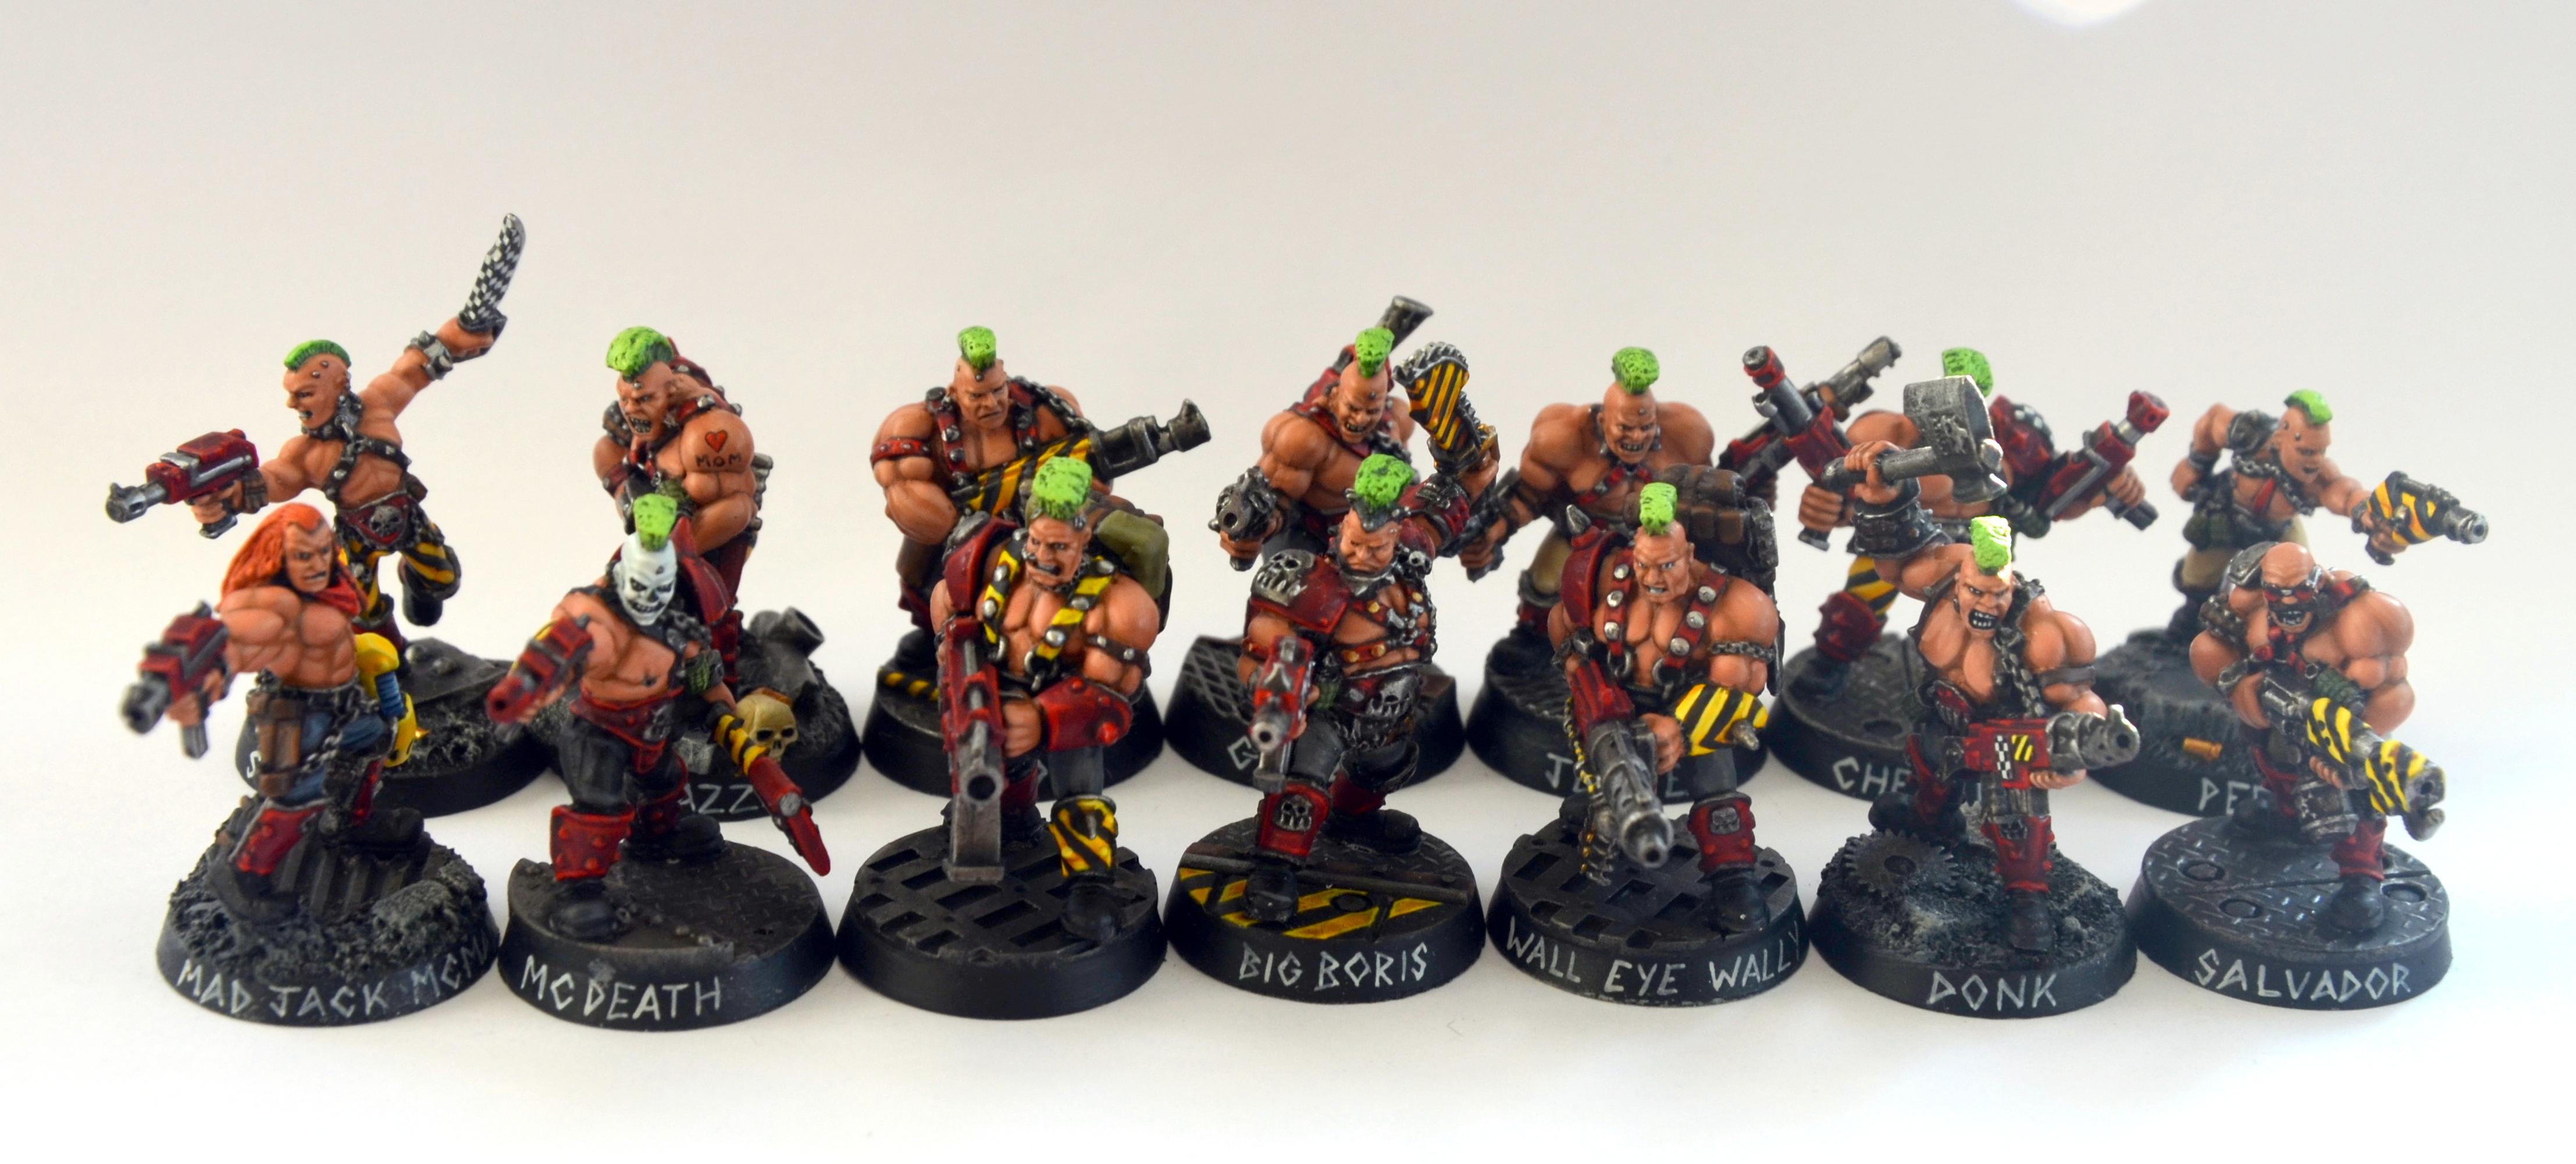 Goliaths, Necromunda